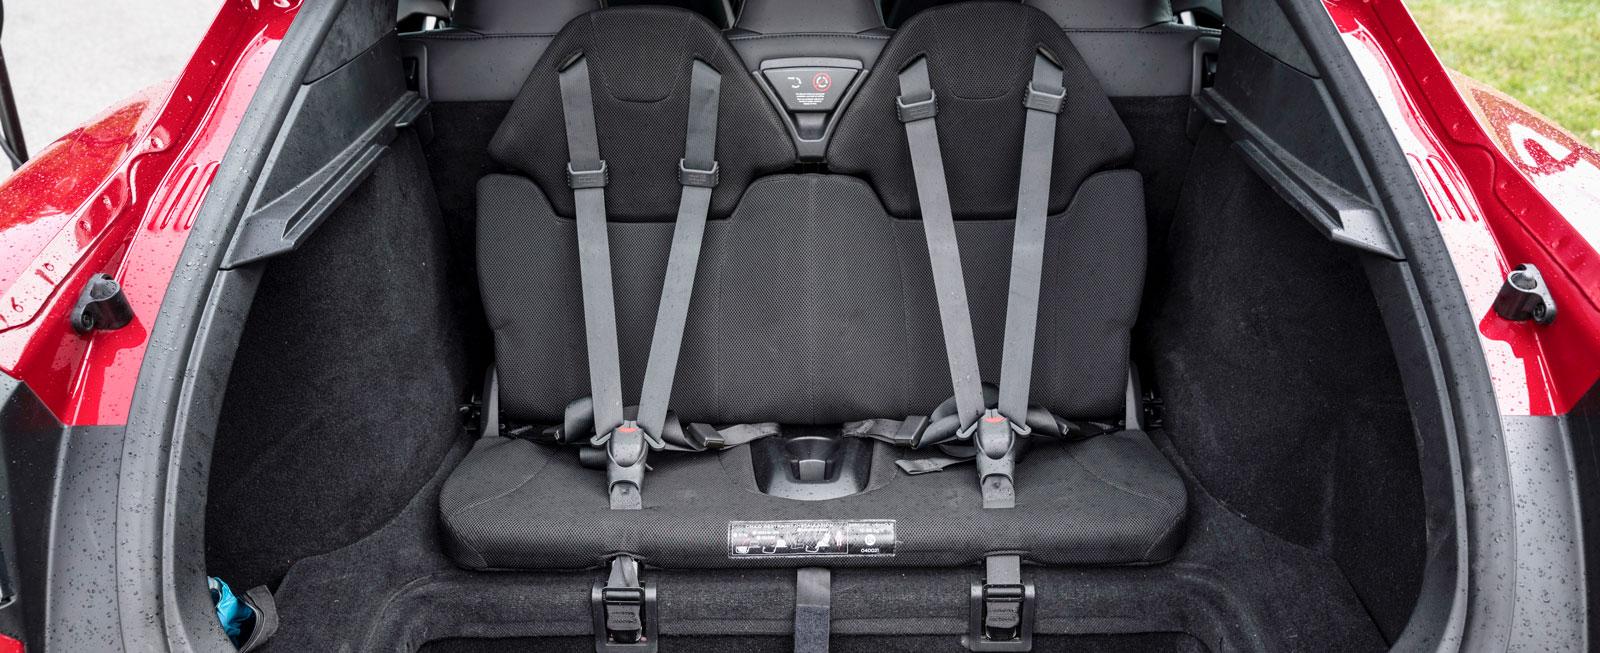 Tesla erbjuder extrasäten för barn (15–36 kg) i bagageutrymmet.